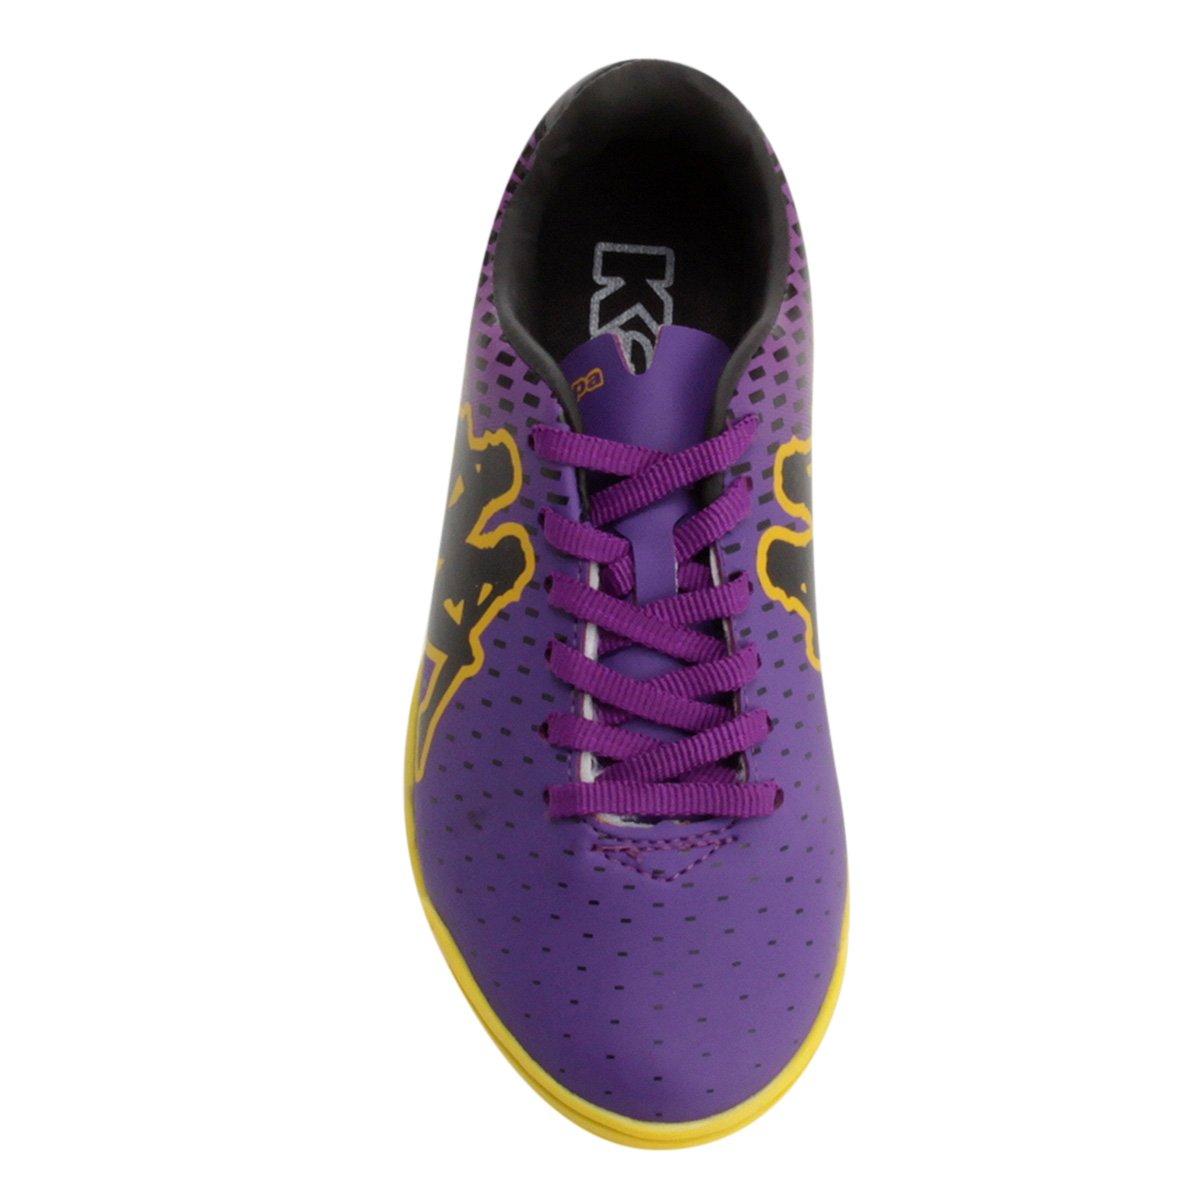 abeb027b80 Chuteira Futsal Infantil Kappa Lanzo - Compre Agora